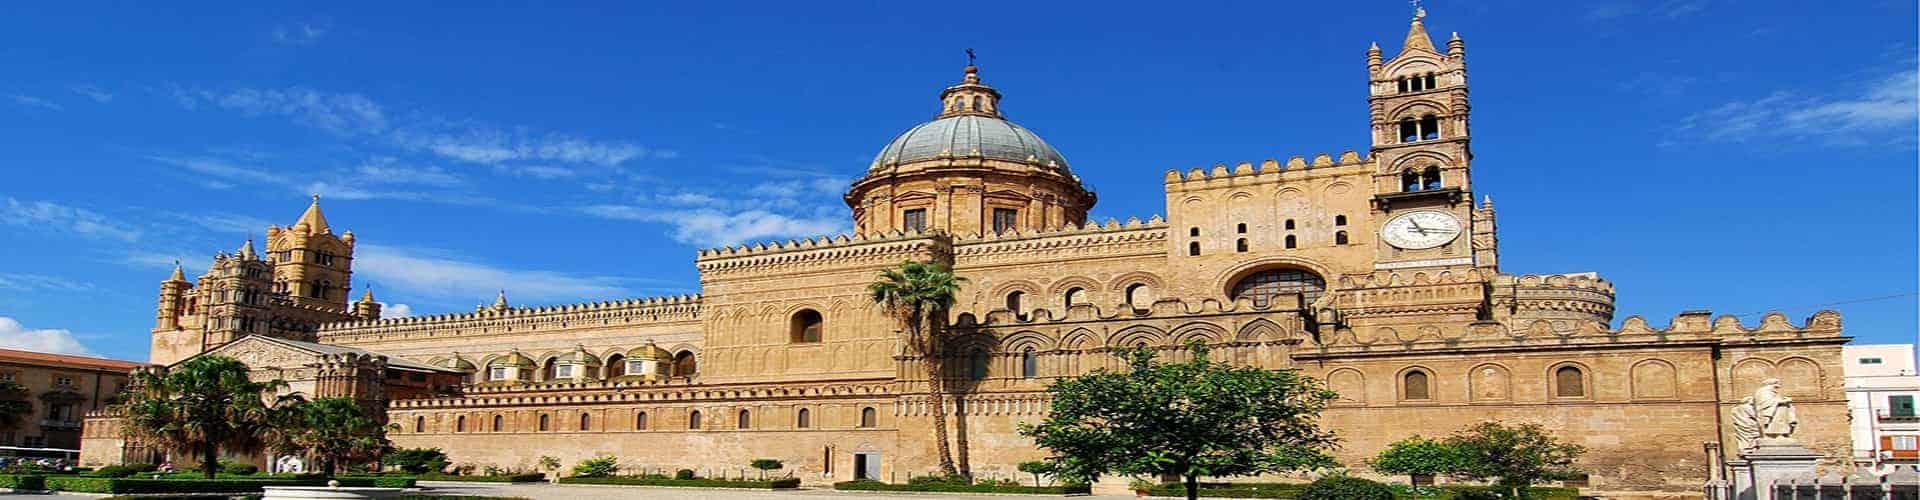 Free Tour Palermo - Turismo Italia